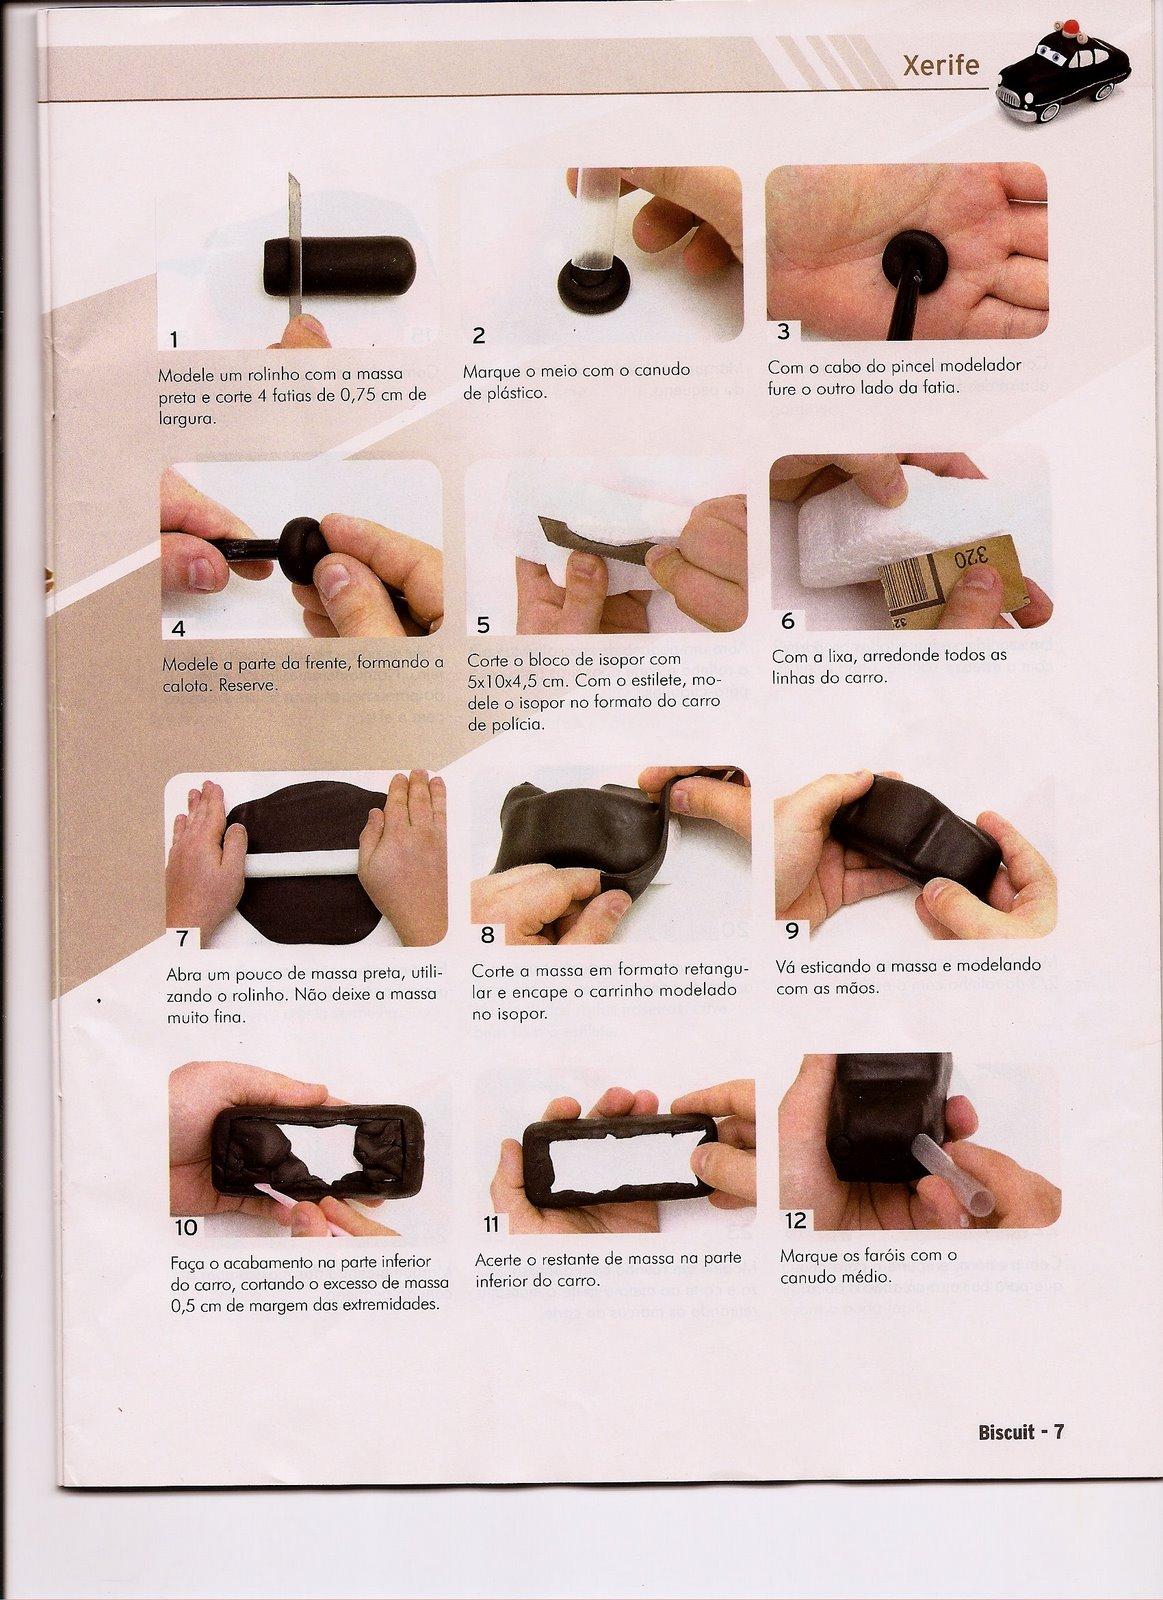 Как сделать машинку из мастики на торт пошагово фото